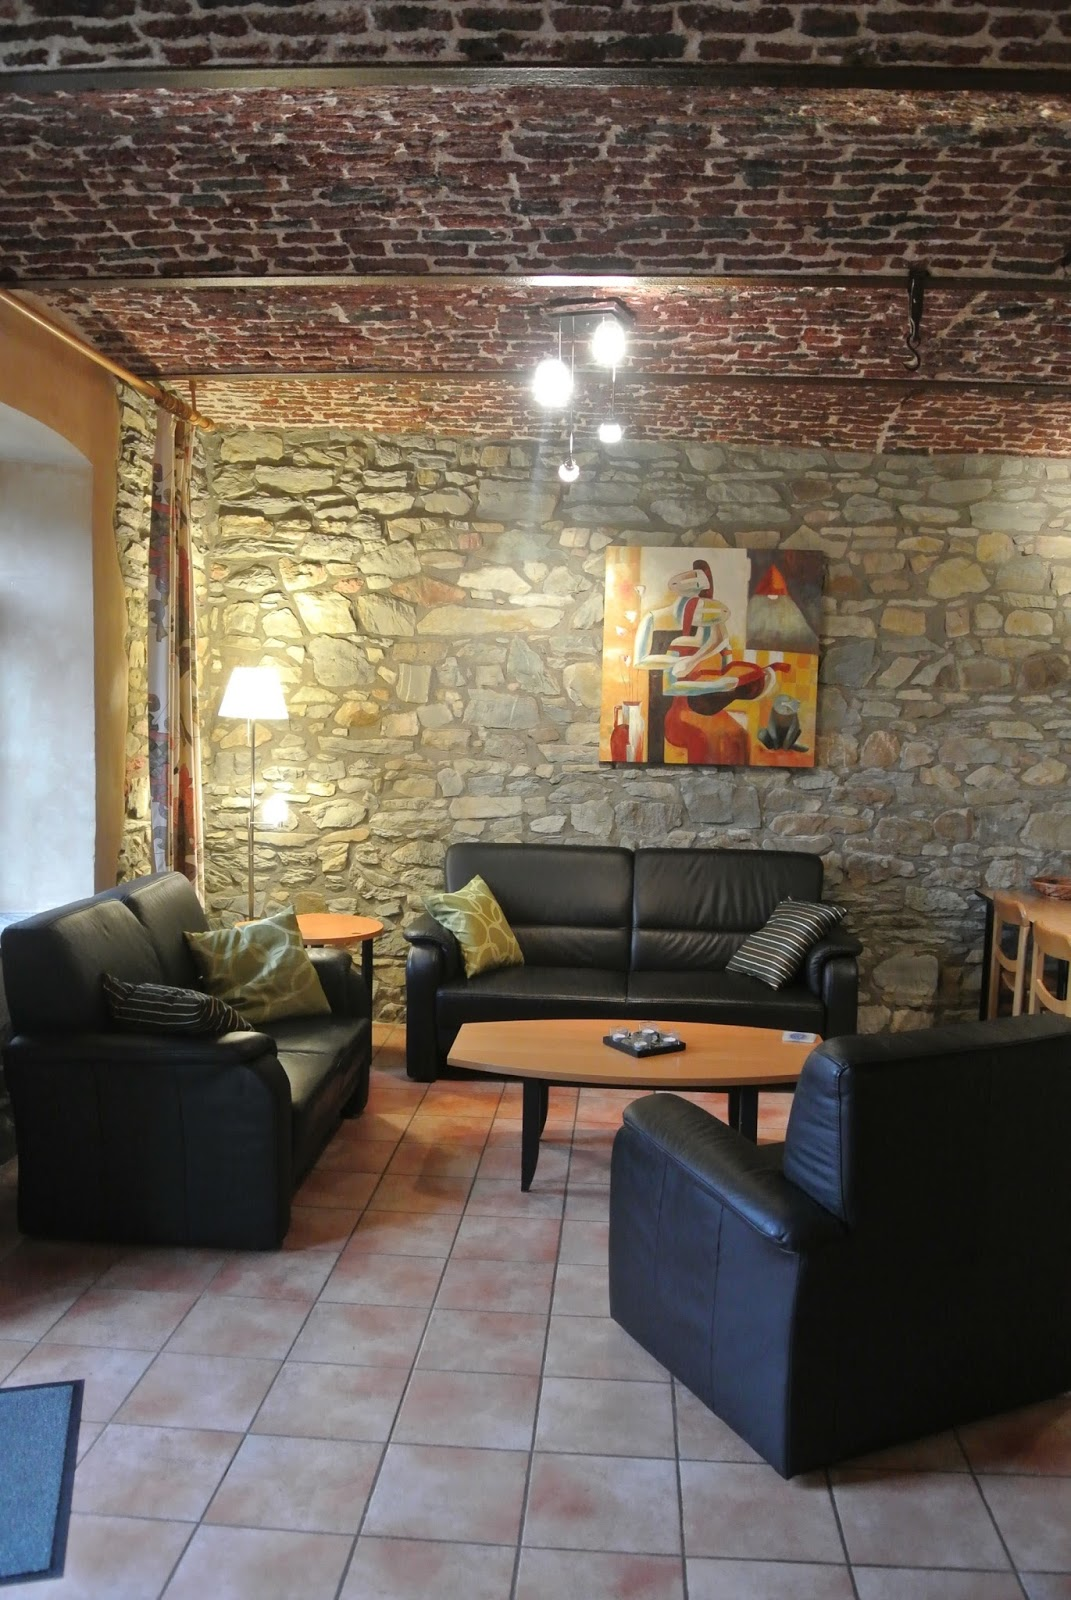 Domaine de l'alu: vakantie appartement (d) 4 kamers (80m²) 6 personen